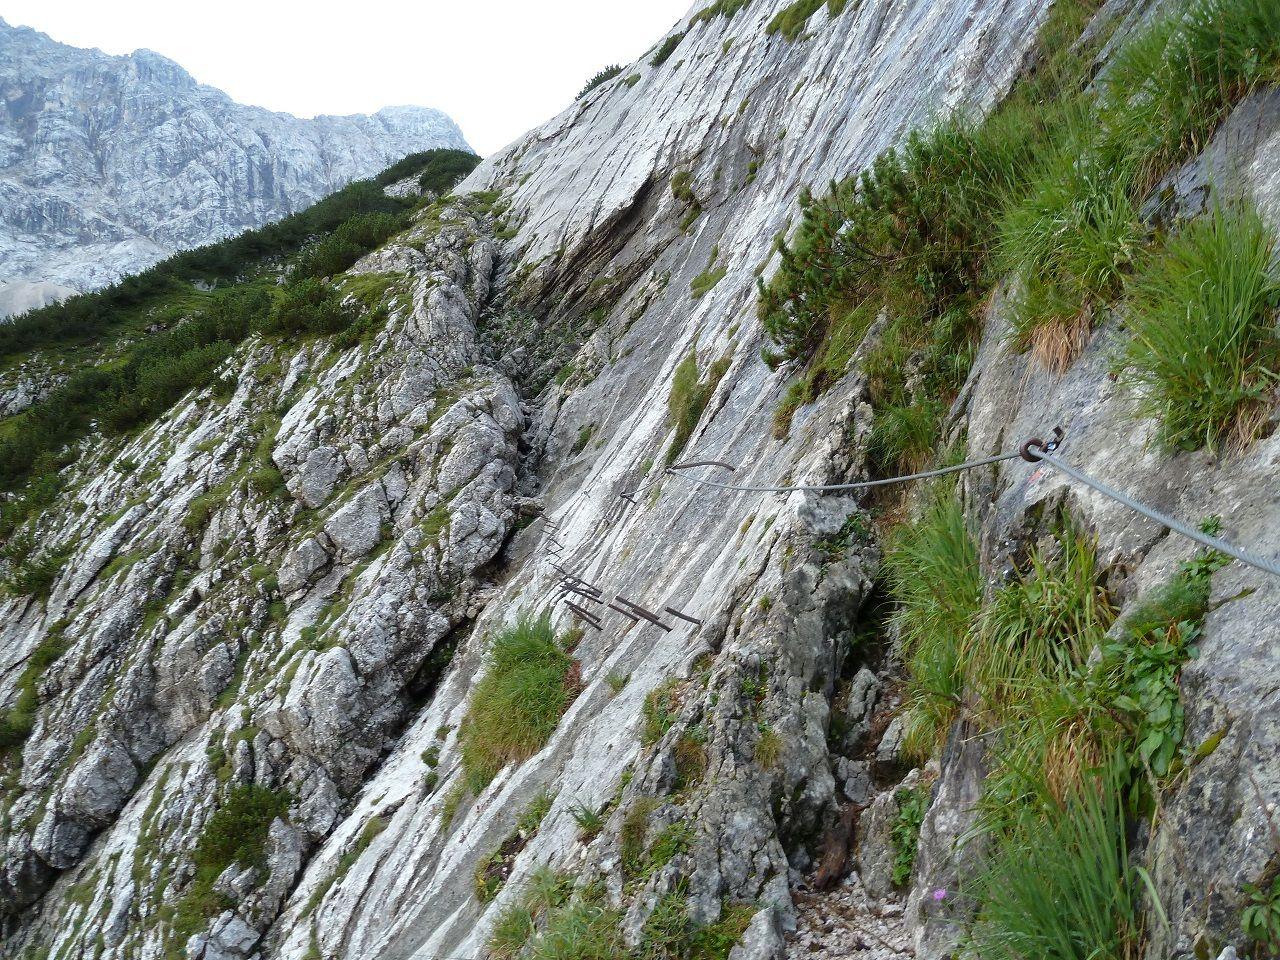 Klettersteig Zugspitze Höllental : Höllental klettersteig zugspitze klettersteige